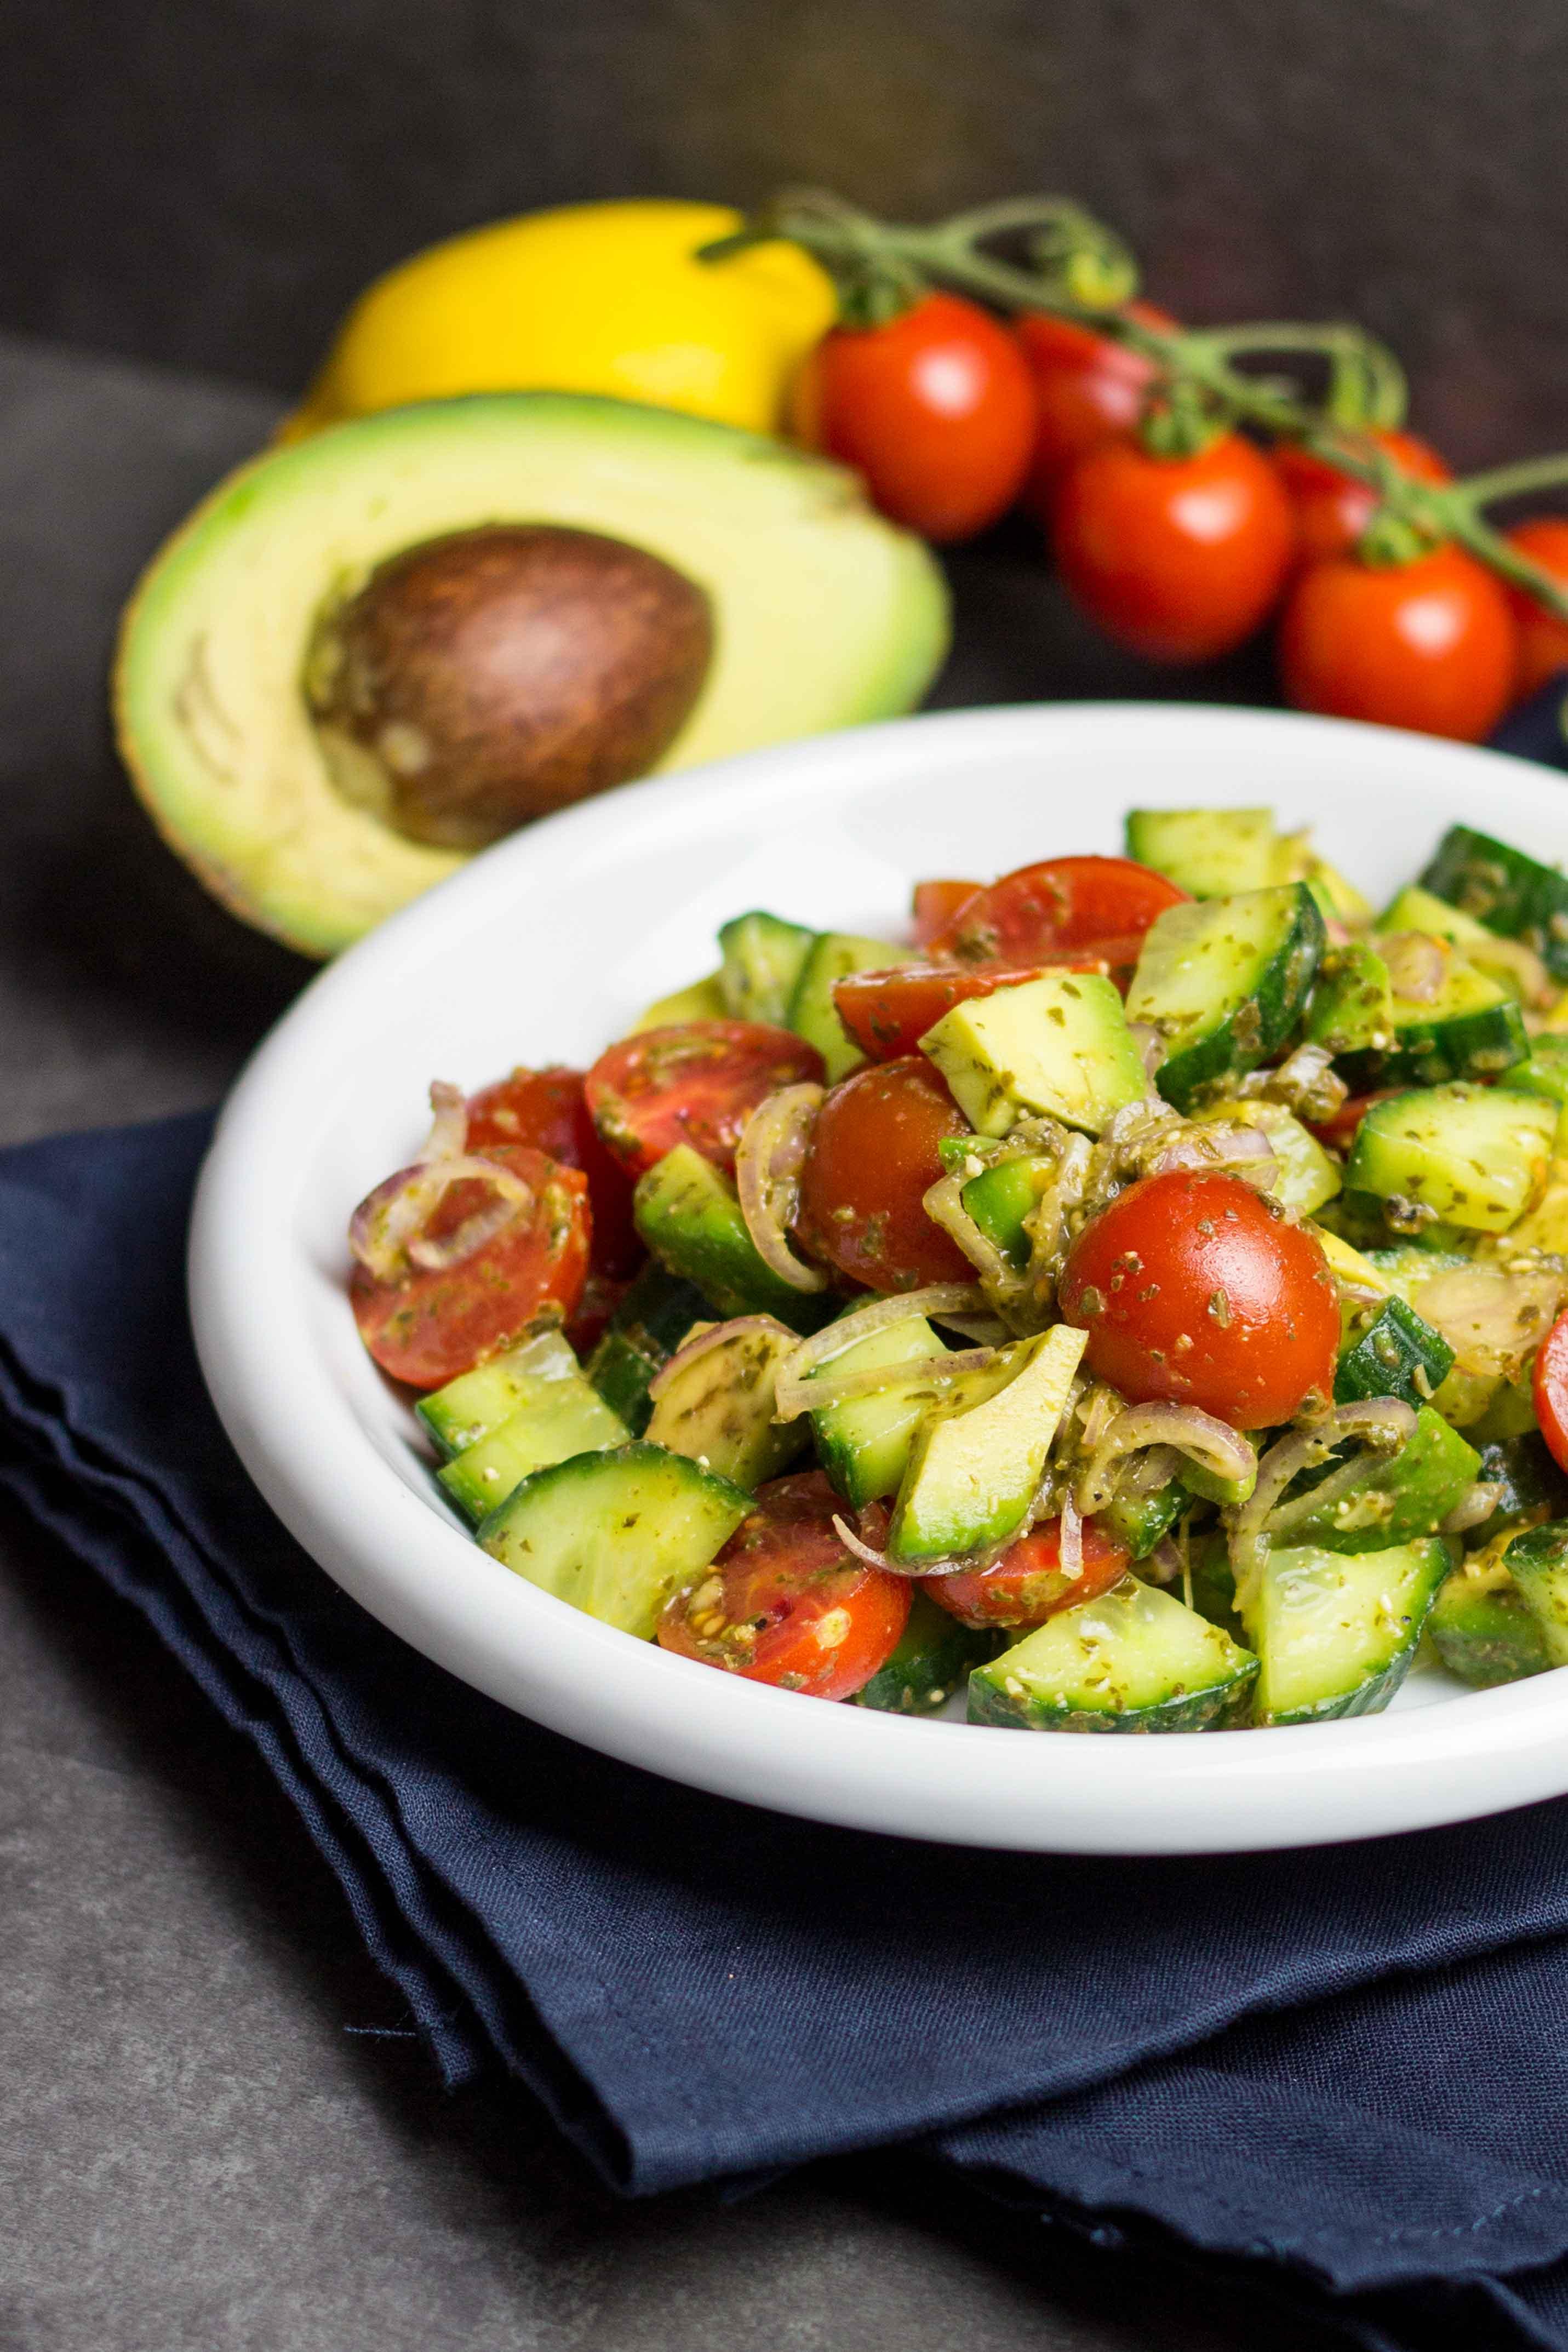 Kalorienarmer Avocado-Salat zum Abnehmen, der richtig satt macht. Voller guter Zutaten und schnell ohne Dressing gemacht. Schnelle Rezepte zum Abnehmen. - kaloriengeniessen.de #avocado #salat #bowl #kalorienarm #satt #kaloriengeniessen #rezeptezumabnehmen